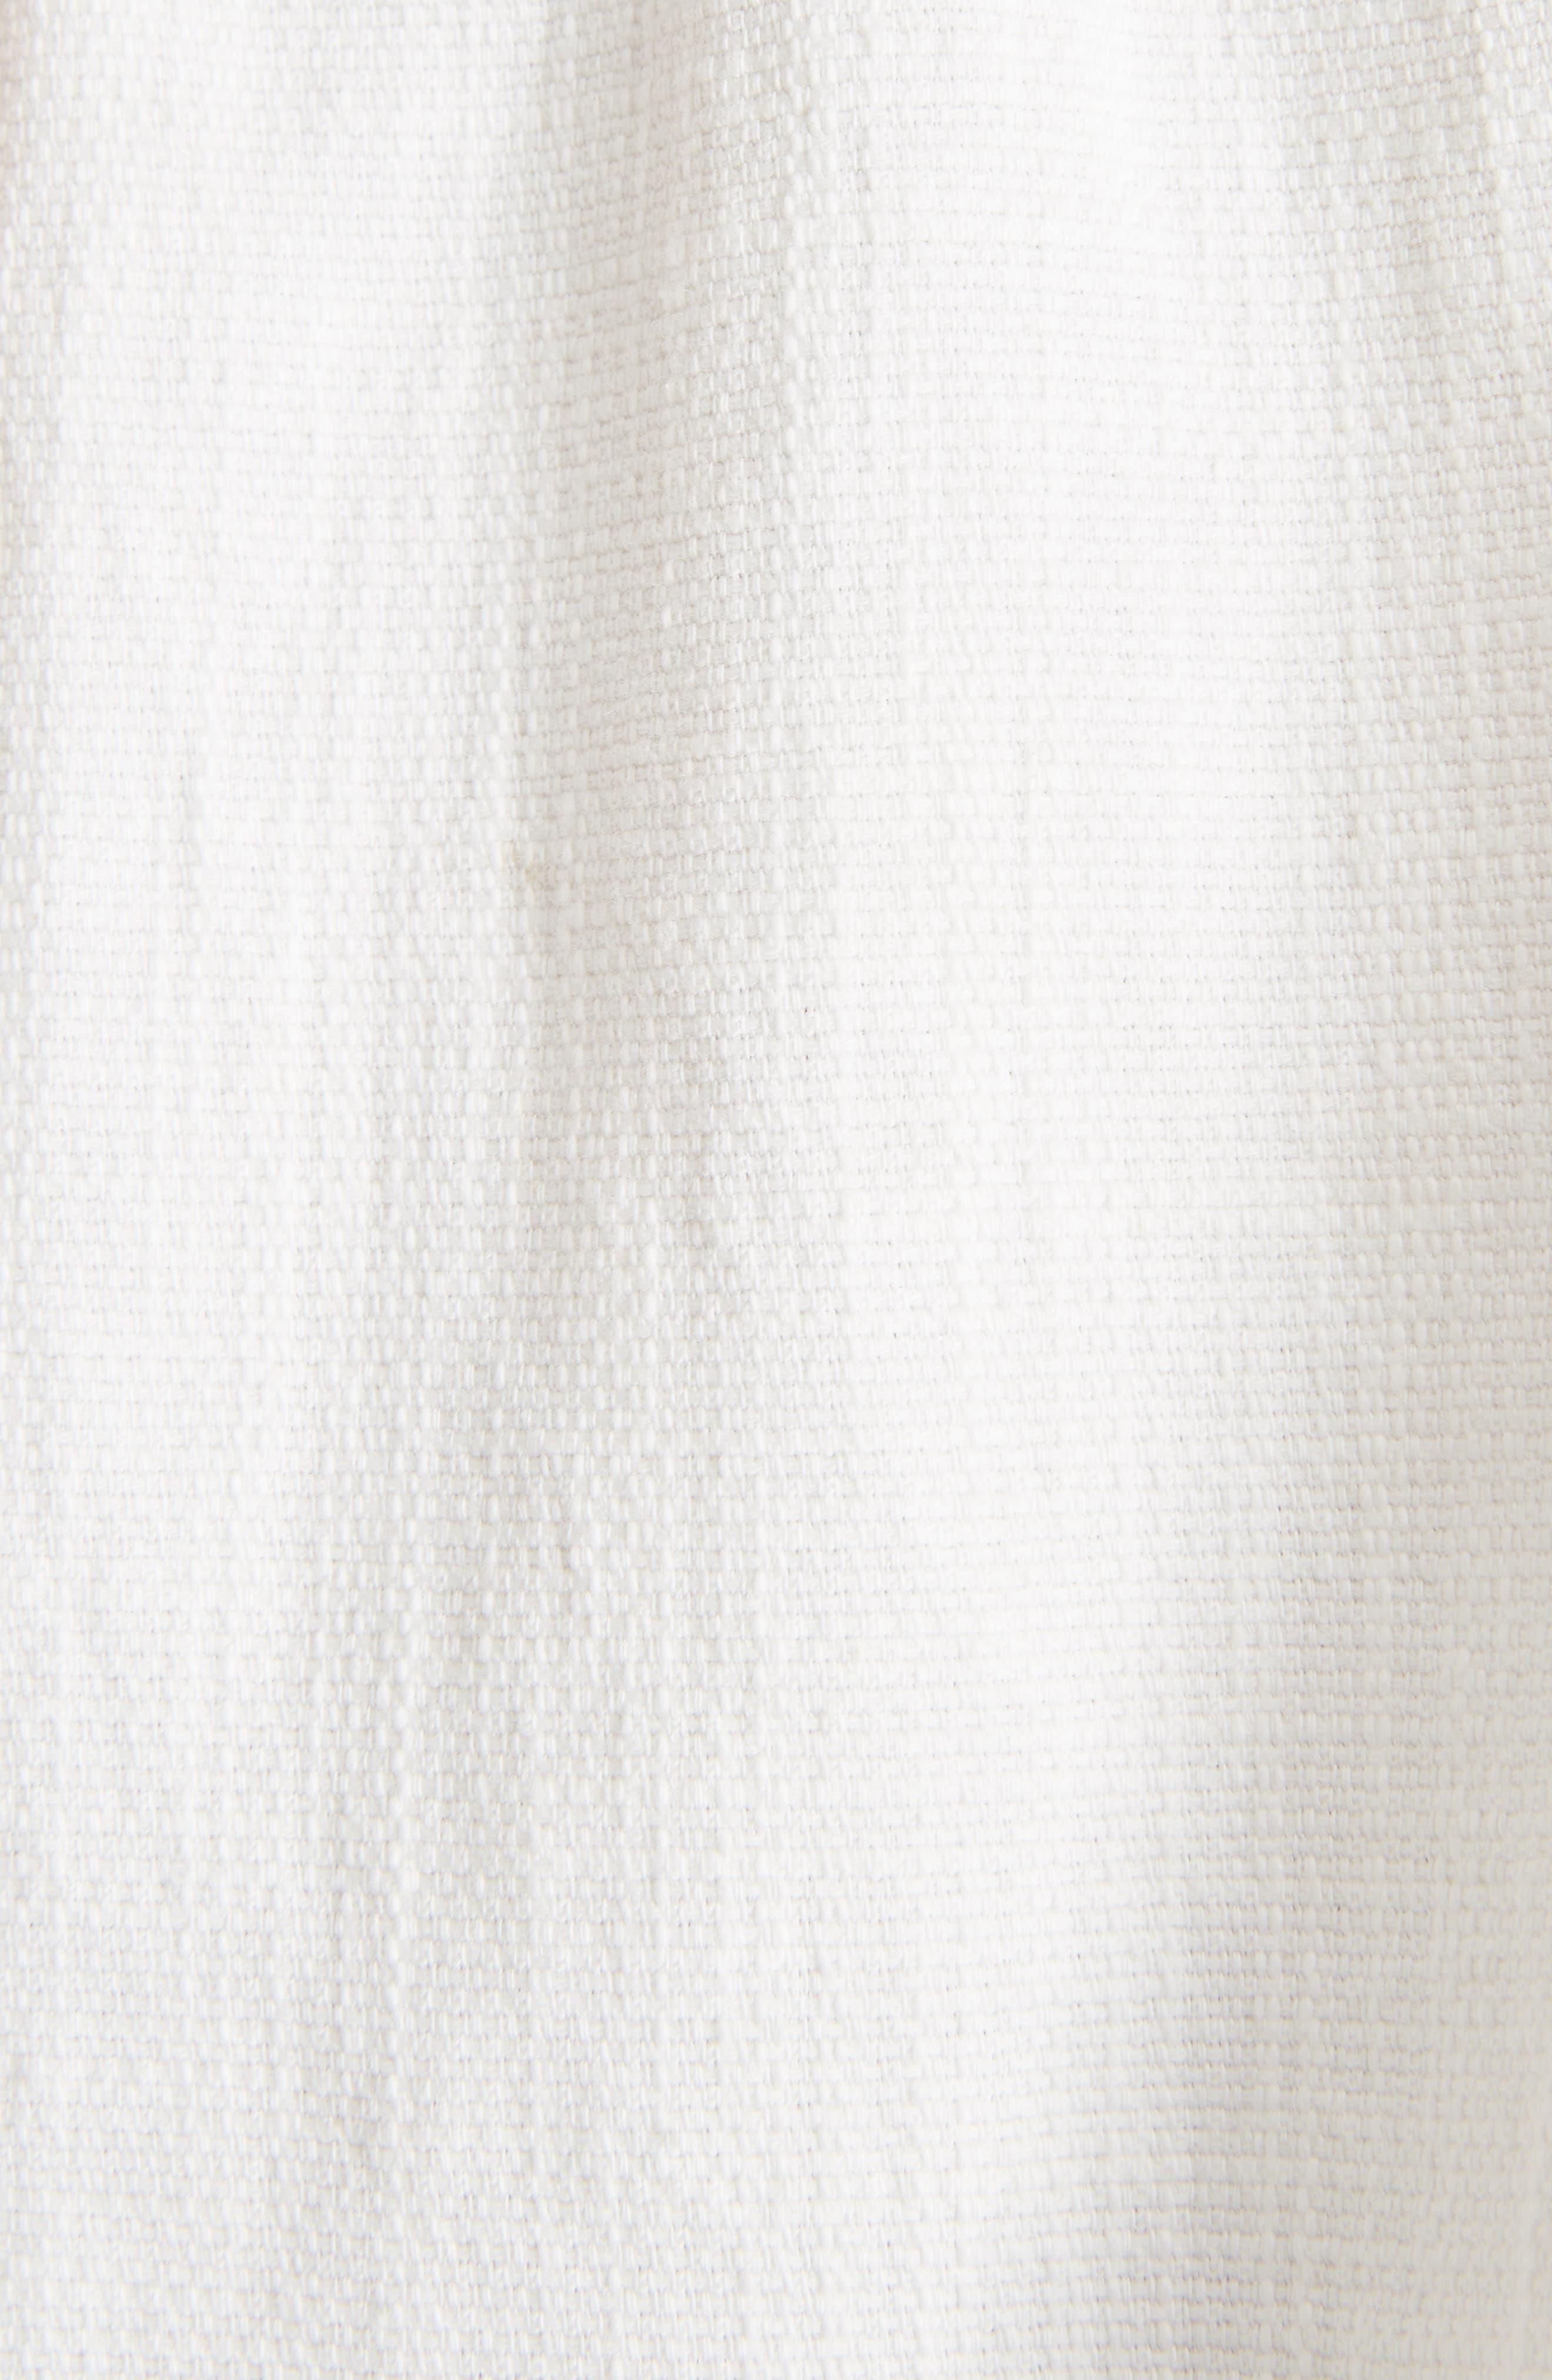 Wigstone Scallop Neck Cotton Top,                             Alternate thumbnail 5, color,                             100